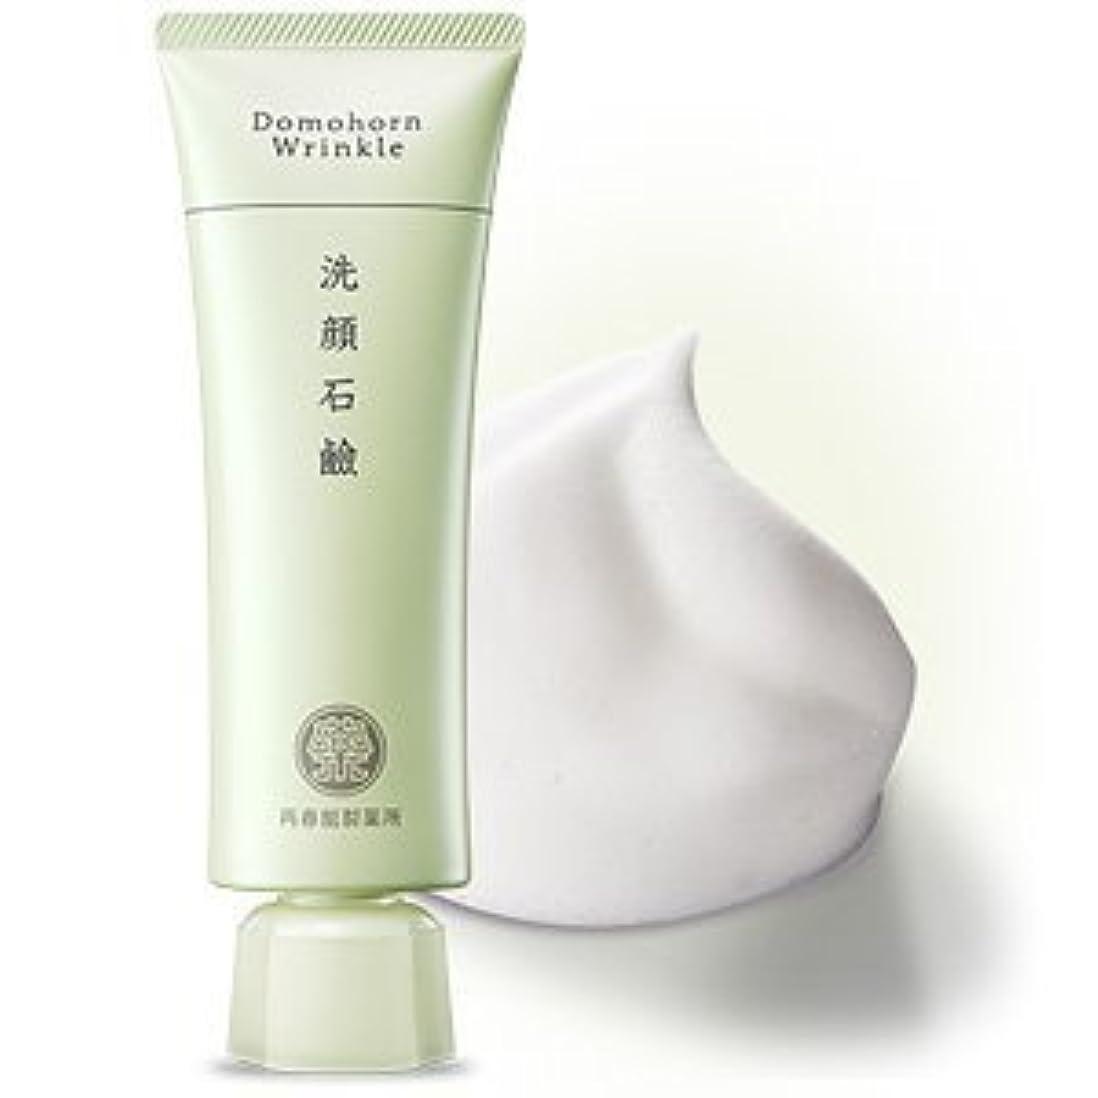 一般的に充実に【濃密泡で毛穴対策にも】ドモホルンリンクル 洗顔石鹸 約60日分